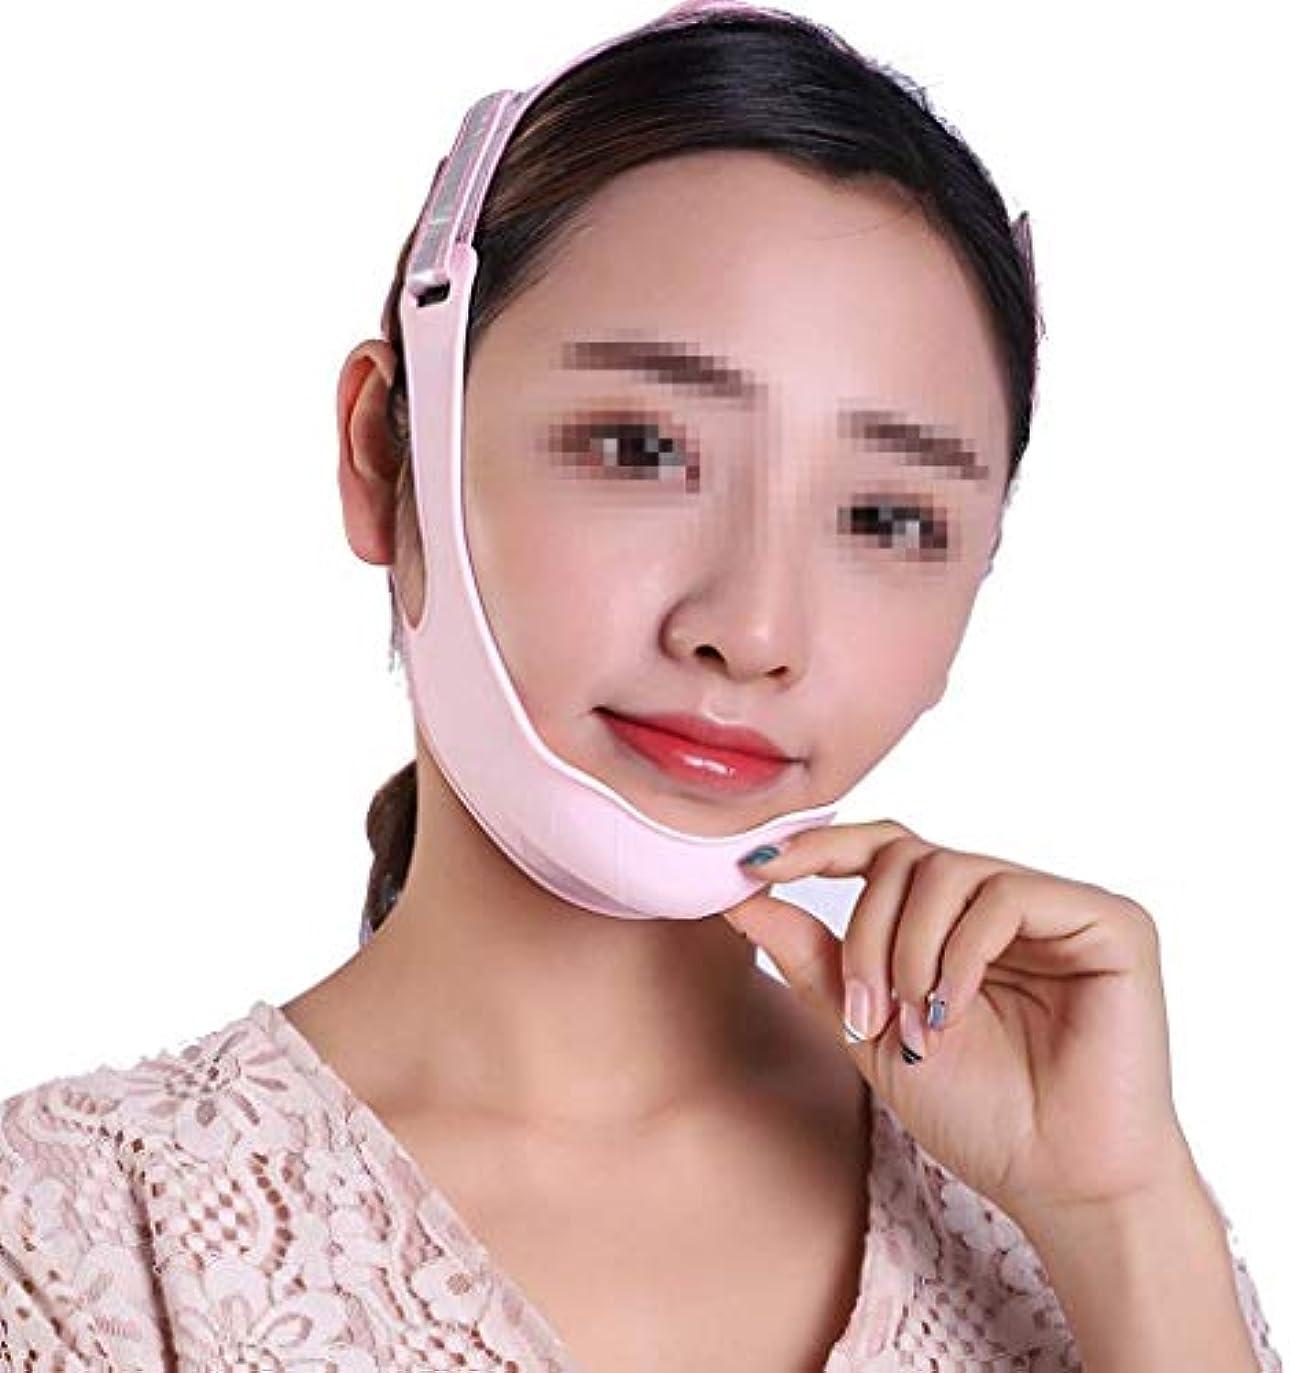 パラシュート写真のシチリア美容と実用的なシリコンフェイスマスク、小さなV顔薄い顔包帯リフティング顔引き締めアーティファクトマッサージ師スキニー顔美容バー